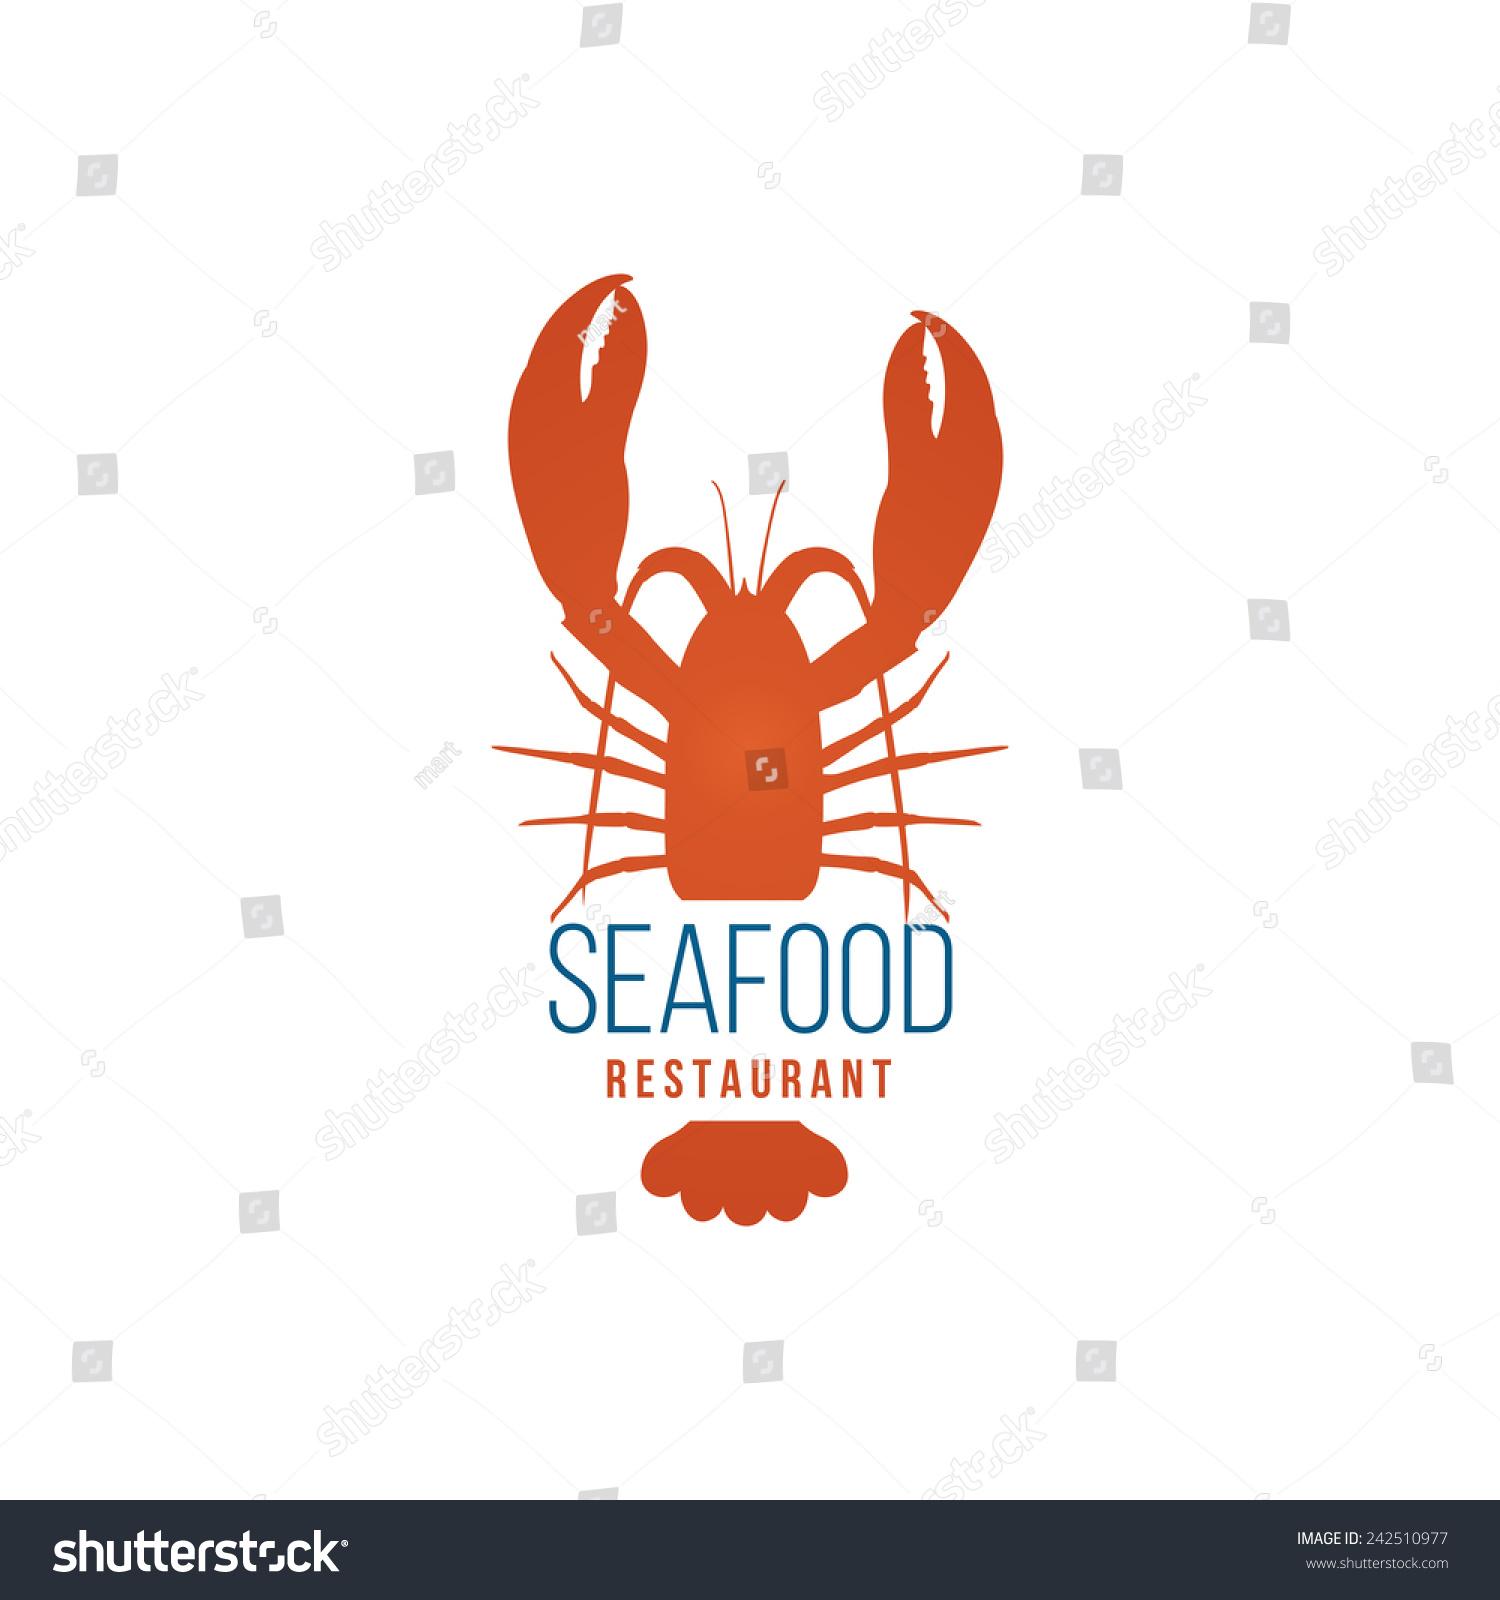 海鲜餐厅标志模板与龙虾的白色背景-食品及饮料